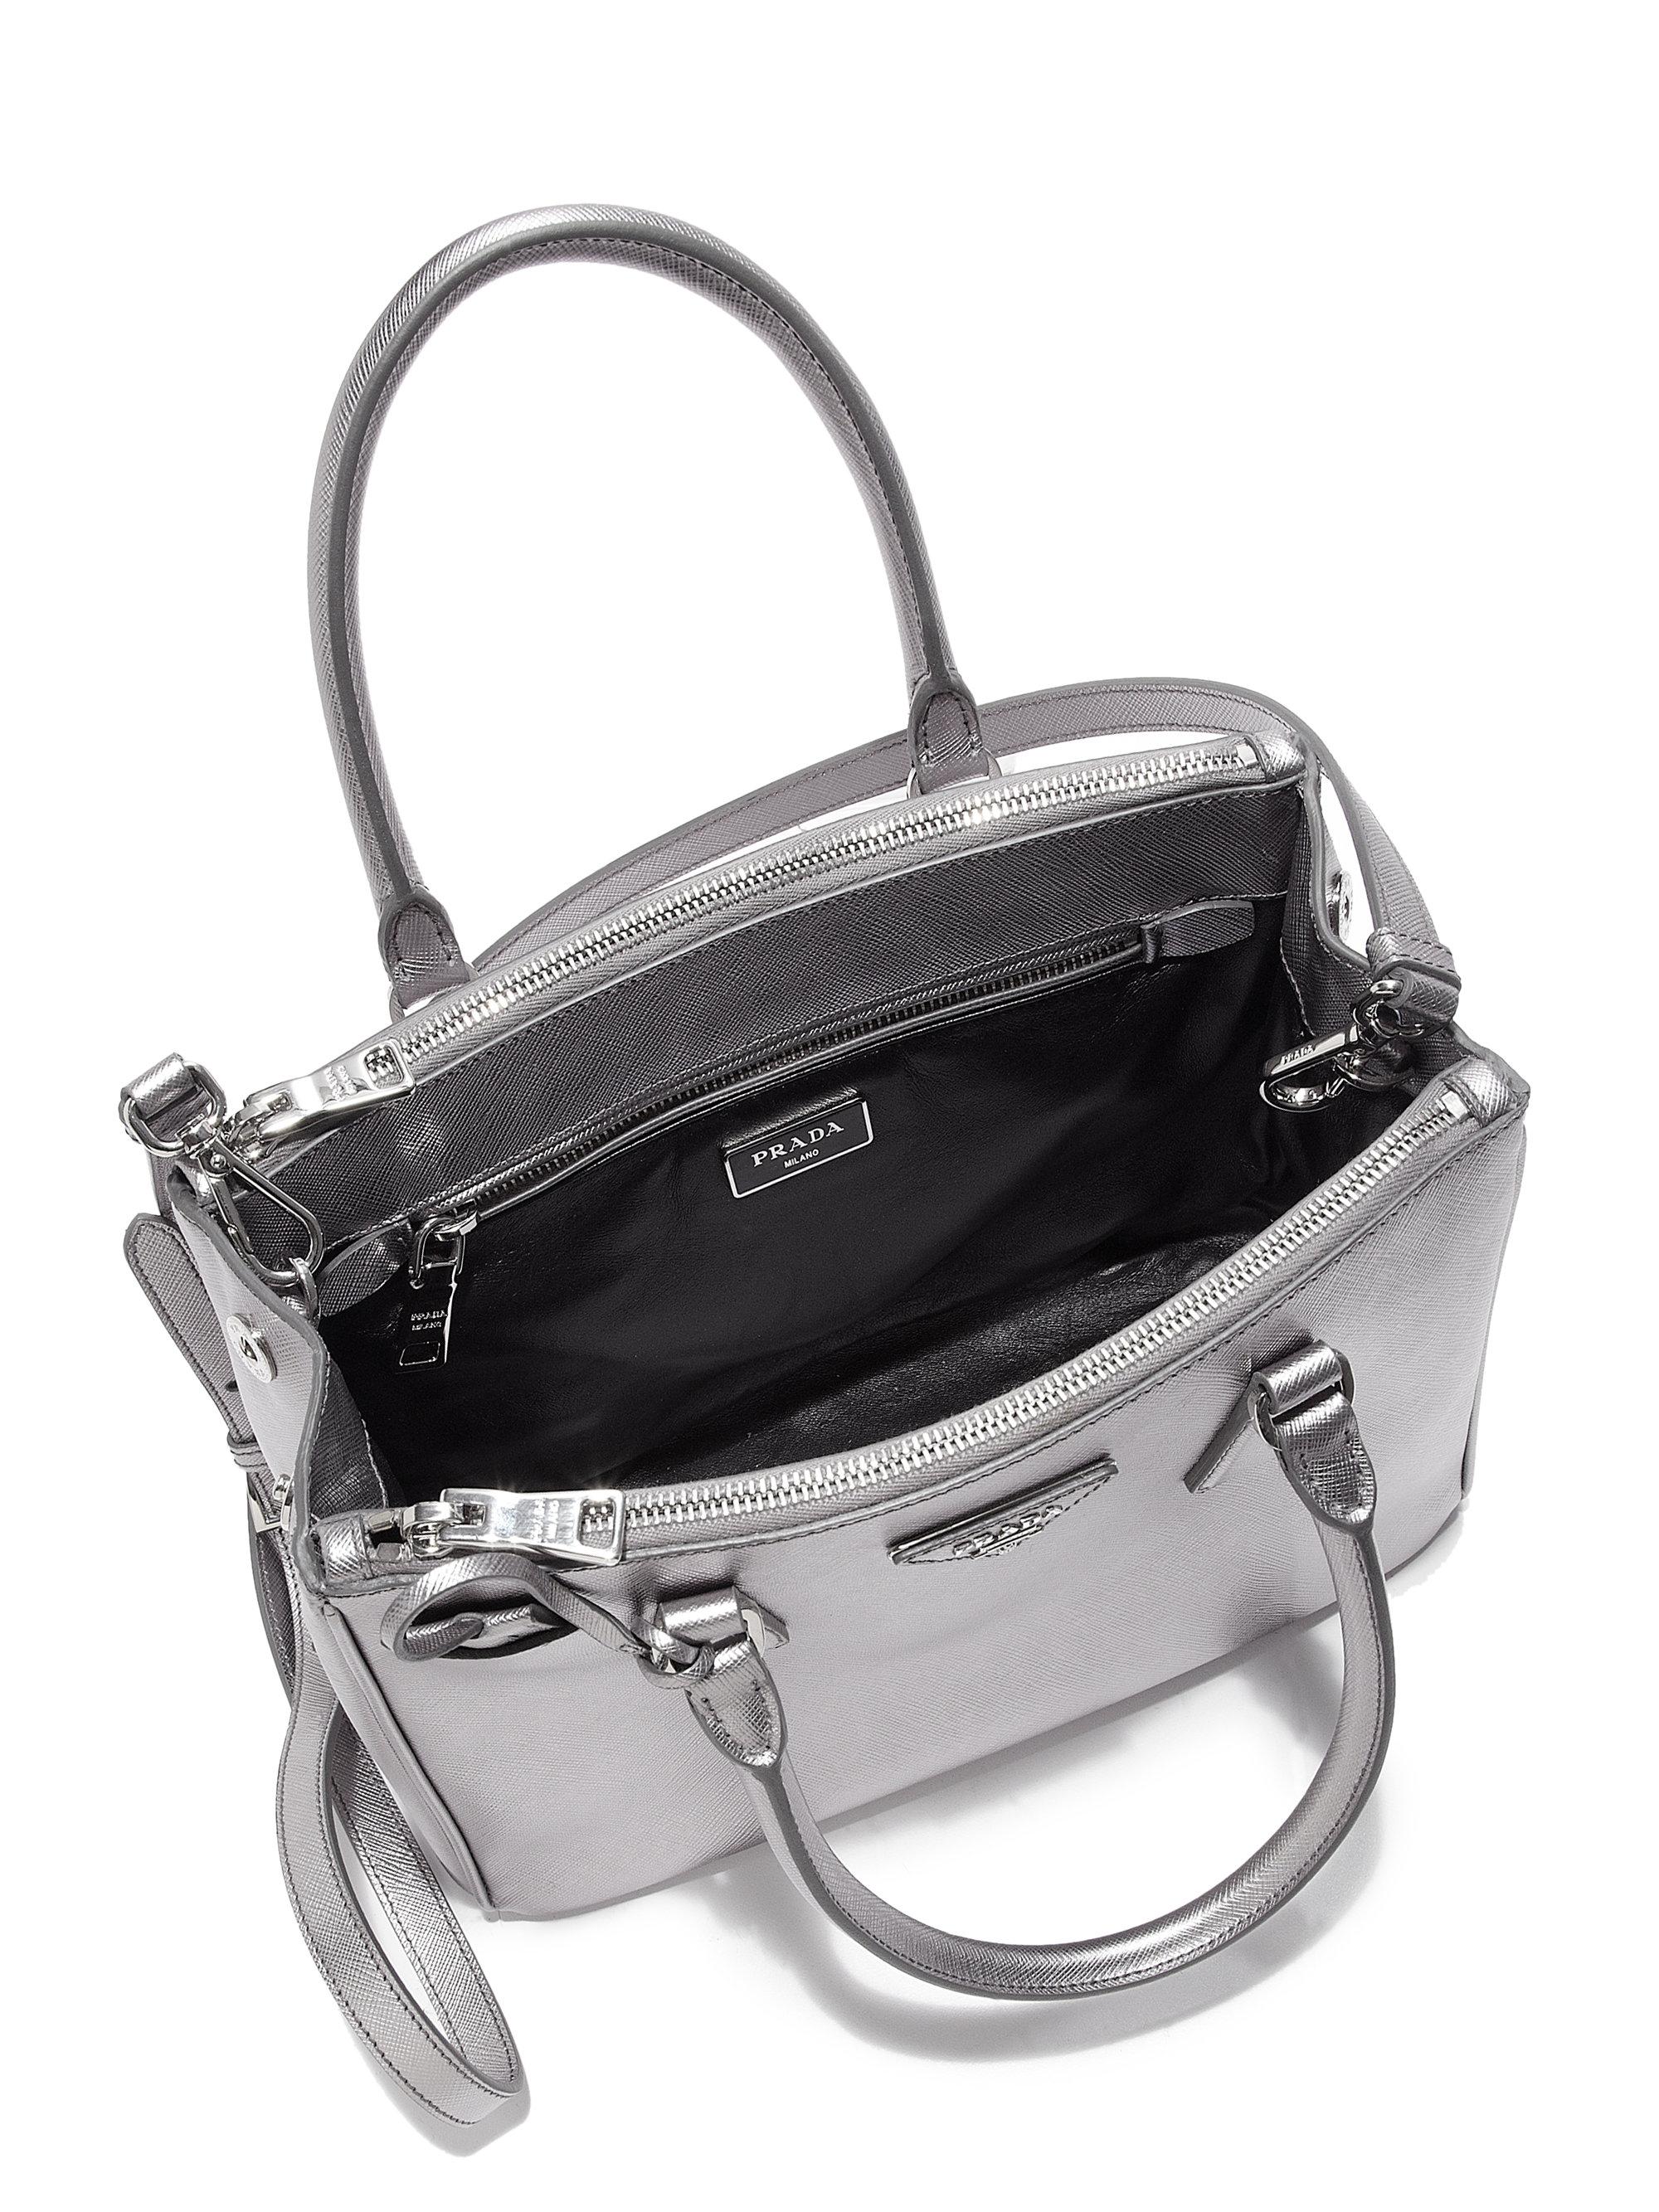 Prada Saffiano Lux Small Metallic Double-zip Tote in Silver (CROMO ...